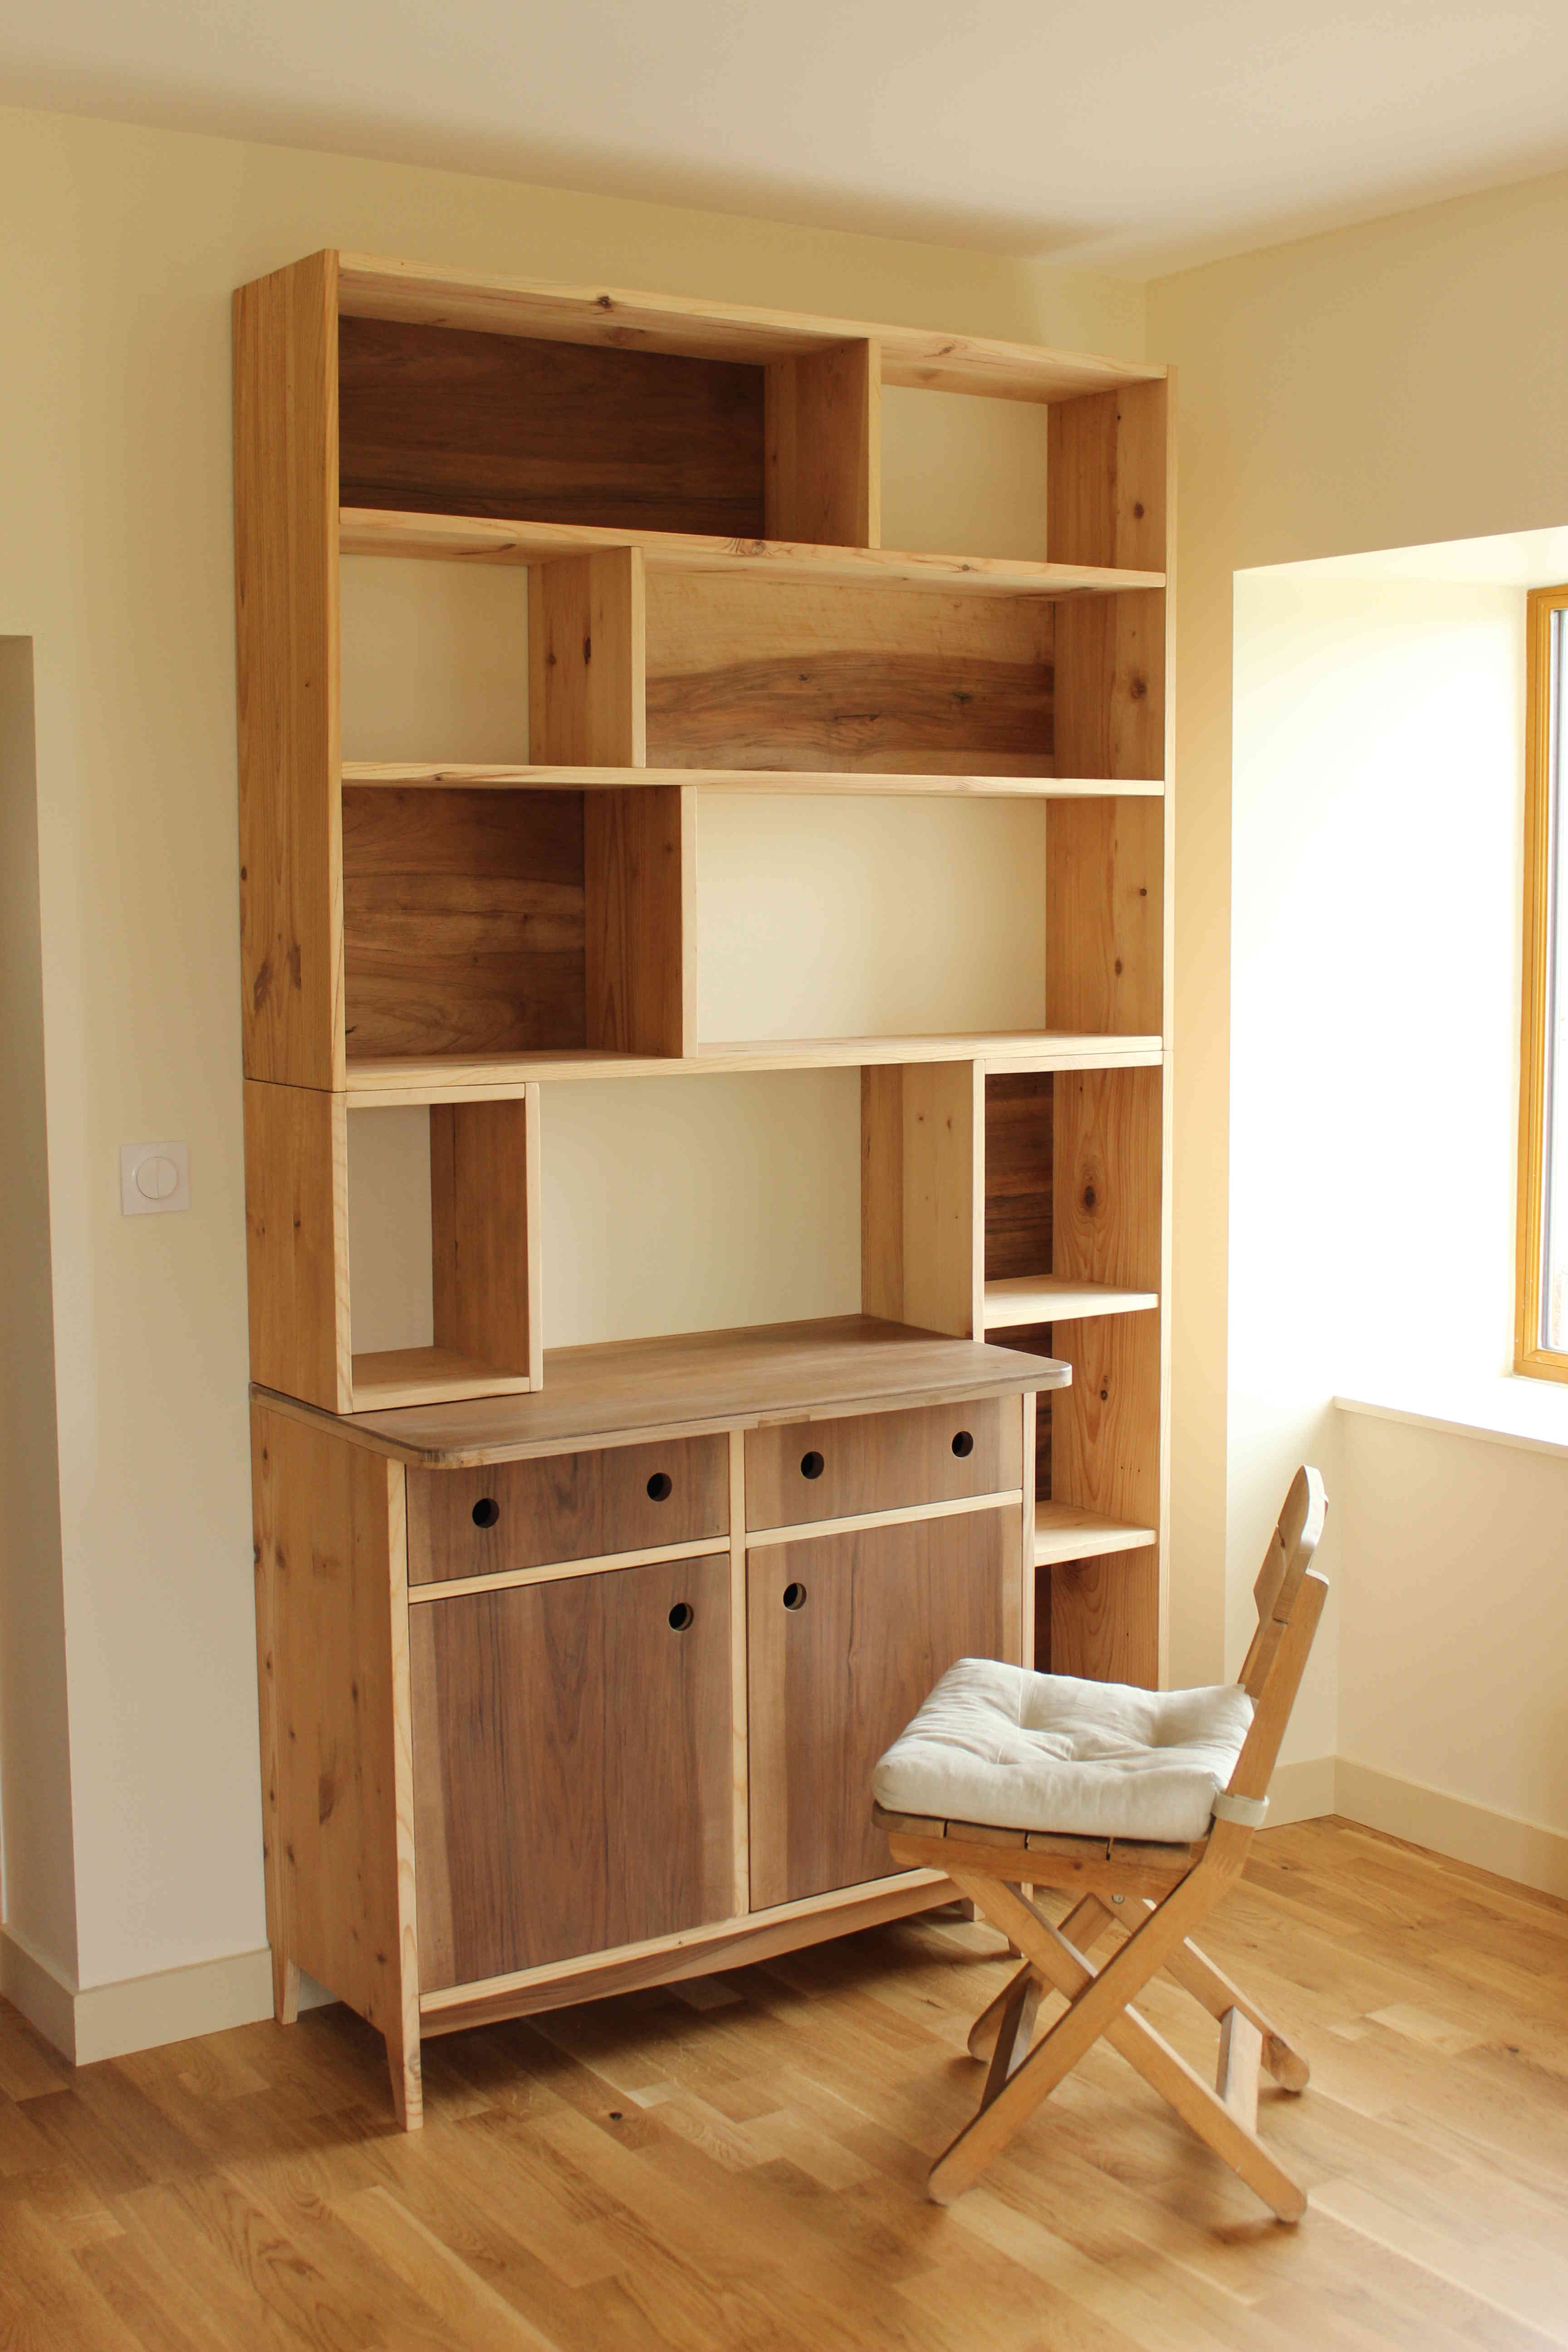 biblioth que modulable pour ranger bd livres et classeurs. Black Bedroom Furniture Sets. Home Design Ideas